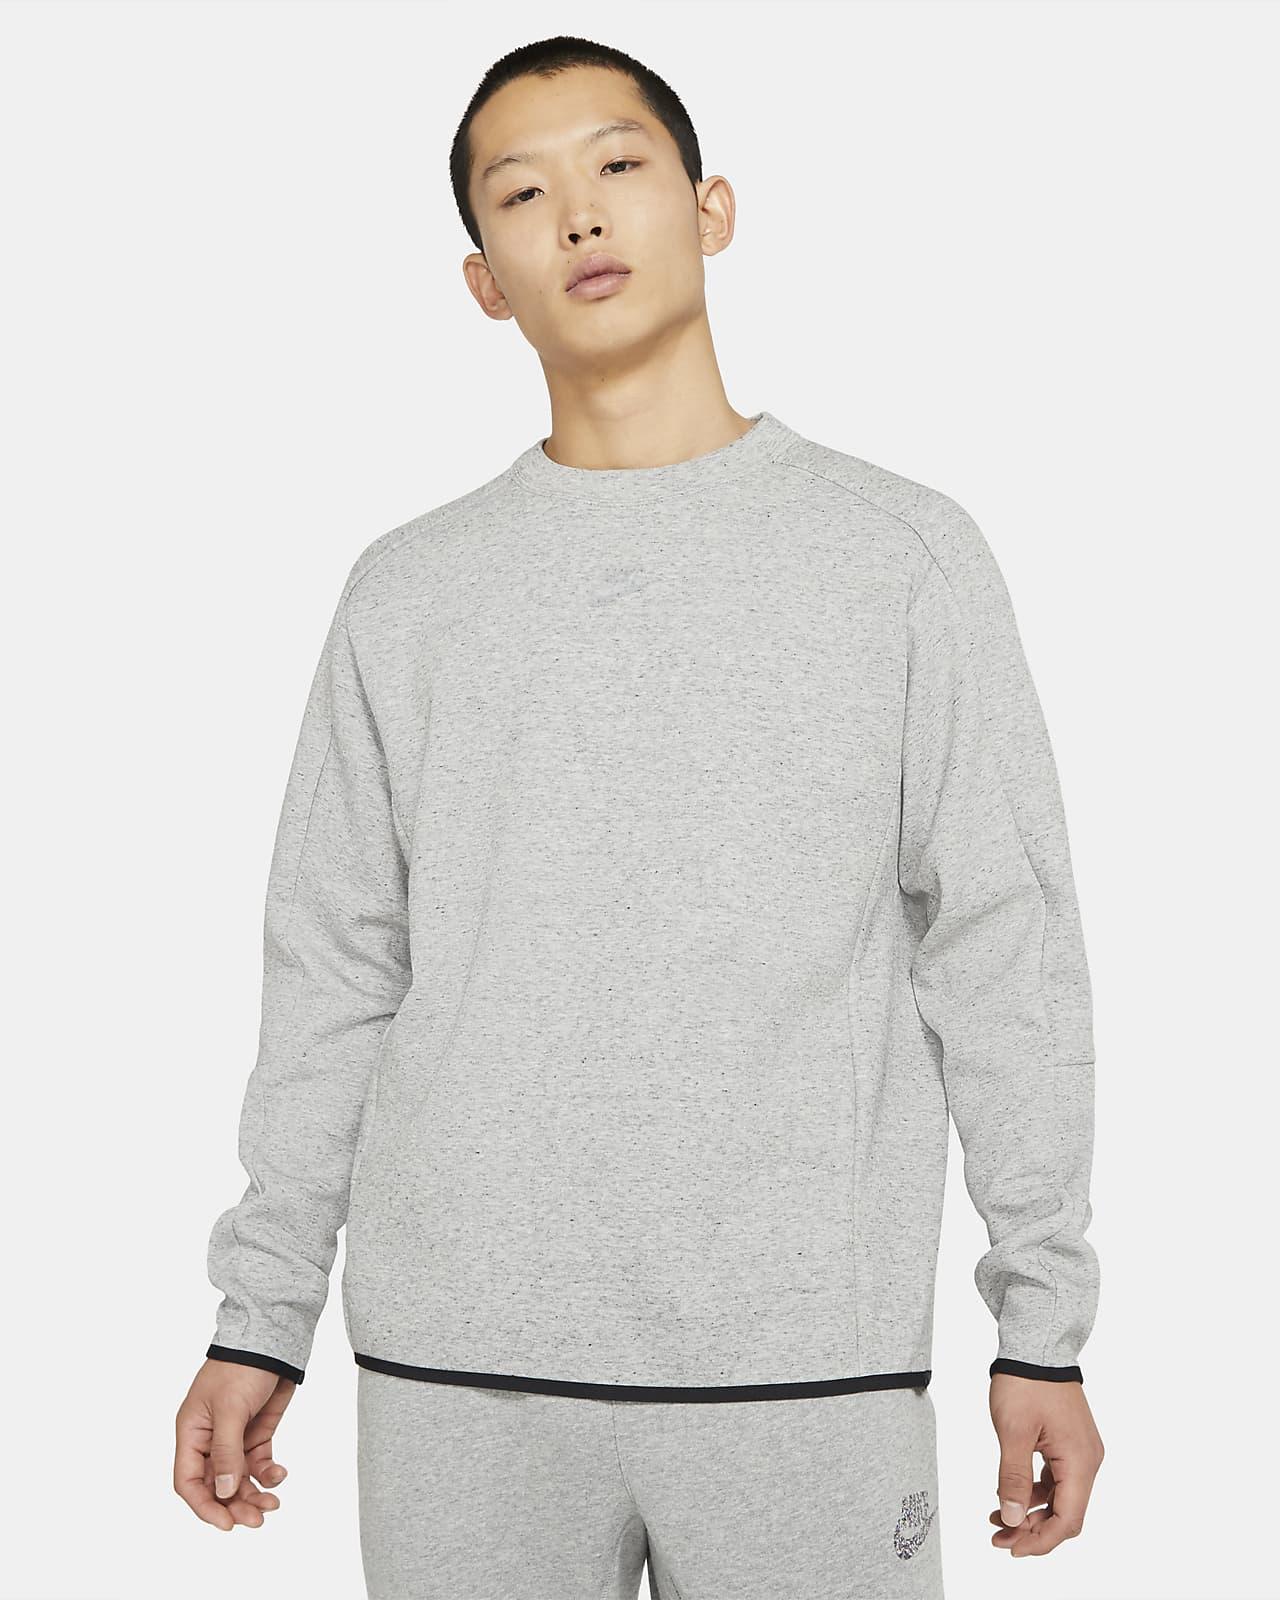 Nike Sportswear Tech Fleece 男子圆领上衣